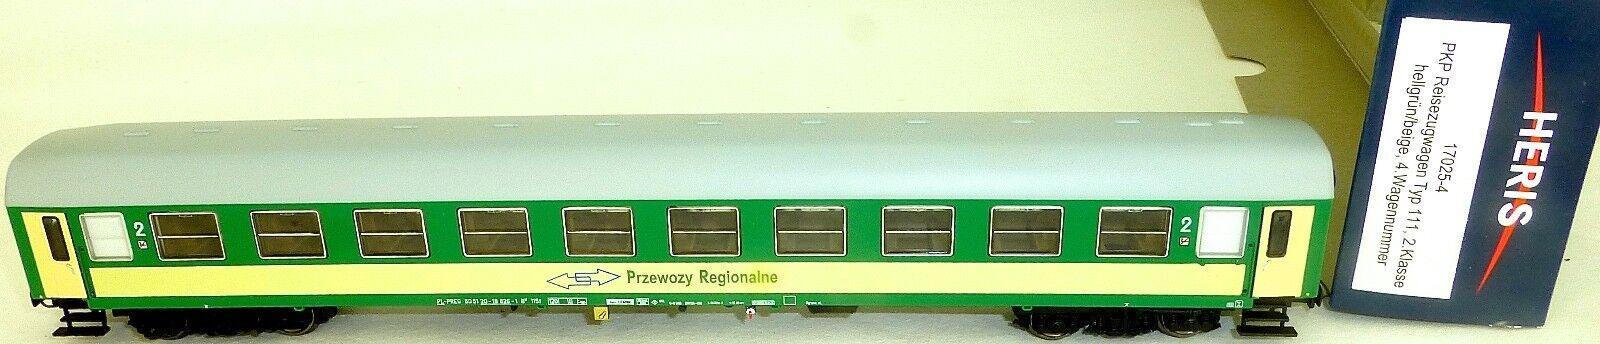 Pkp Voiture Ferroviaire Przewozy Regionalne green Clair Beige Heris 17025-4 H0